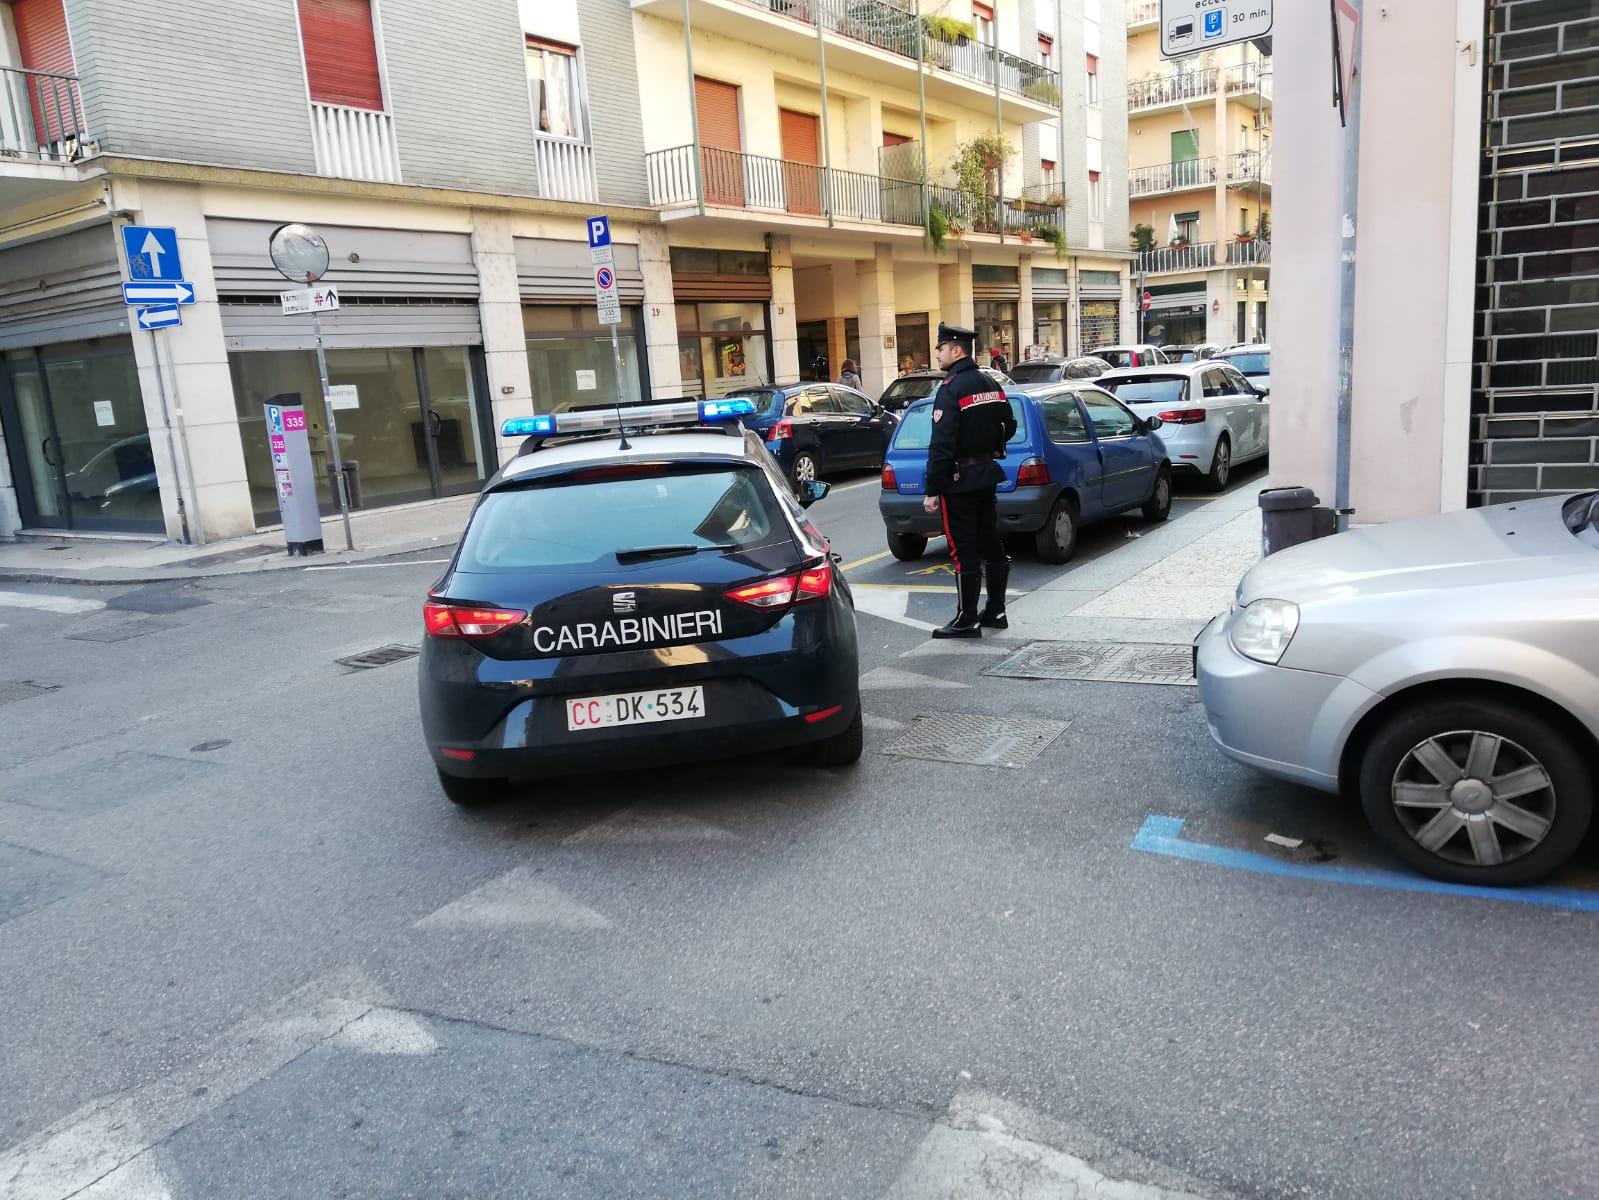 Giro di arresti a Verona in un solo giorno. I carabinieri hanno arrestato quattro persone in un solo giorno per violenza, detenzione di stupefacenti, oltraggio e resistenza a Pubblico Ufficiale e furto.